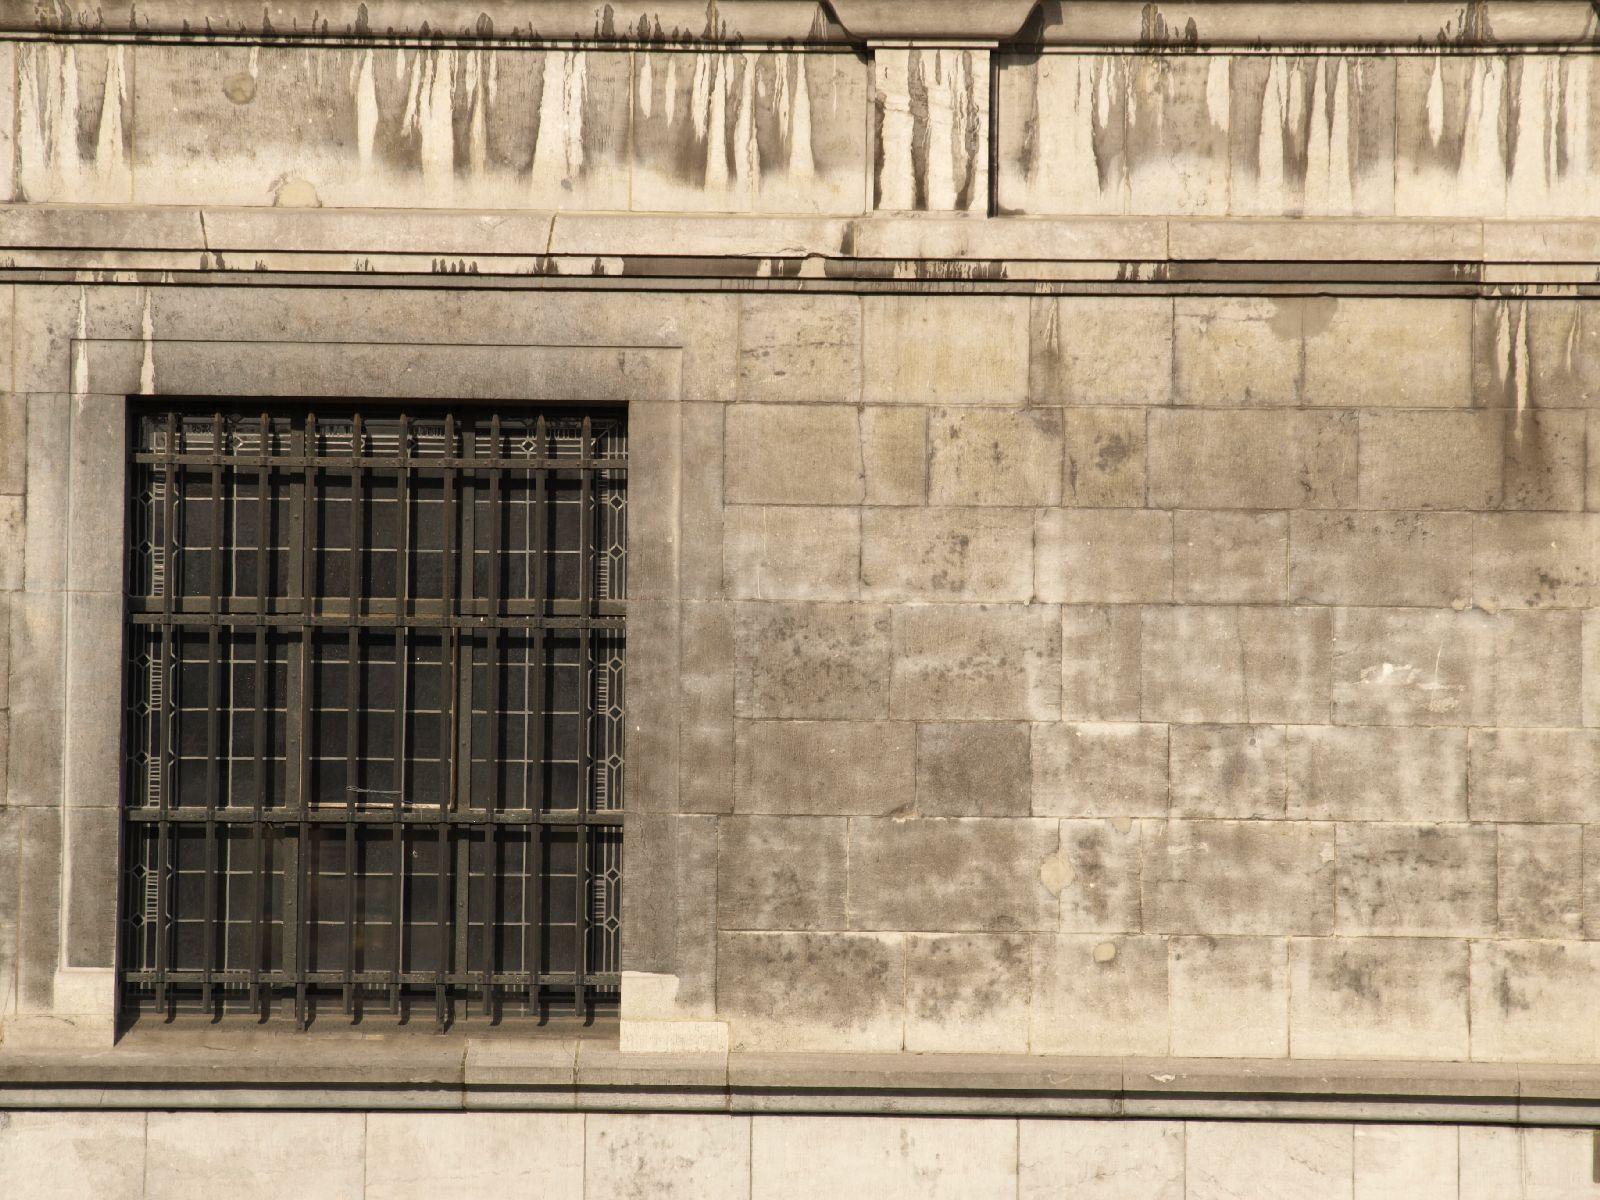 Building_Texture_A_PB010849